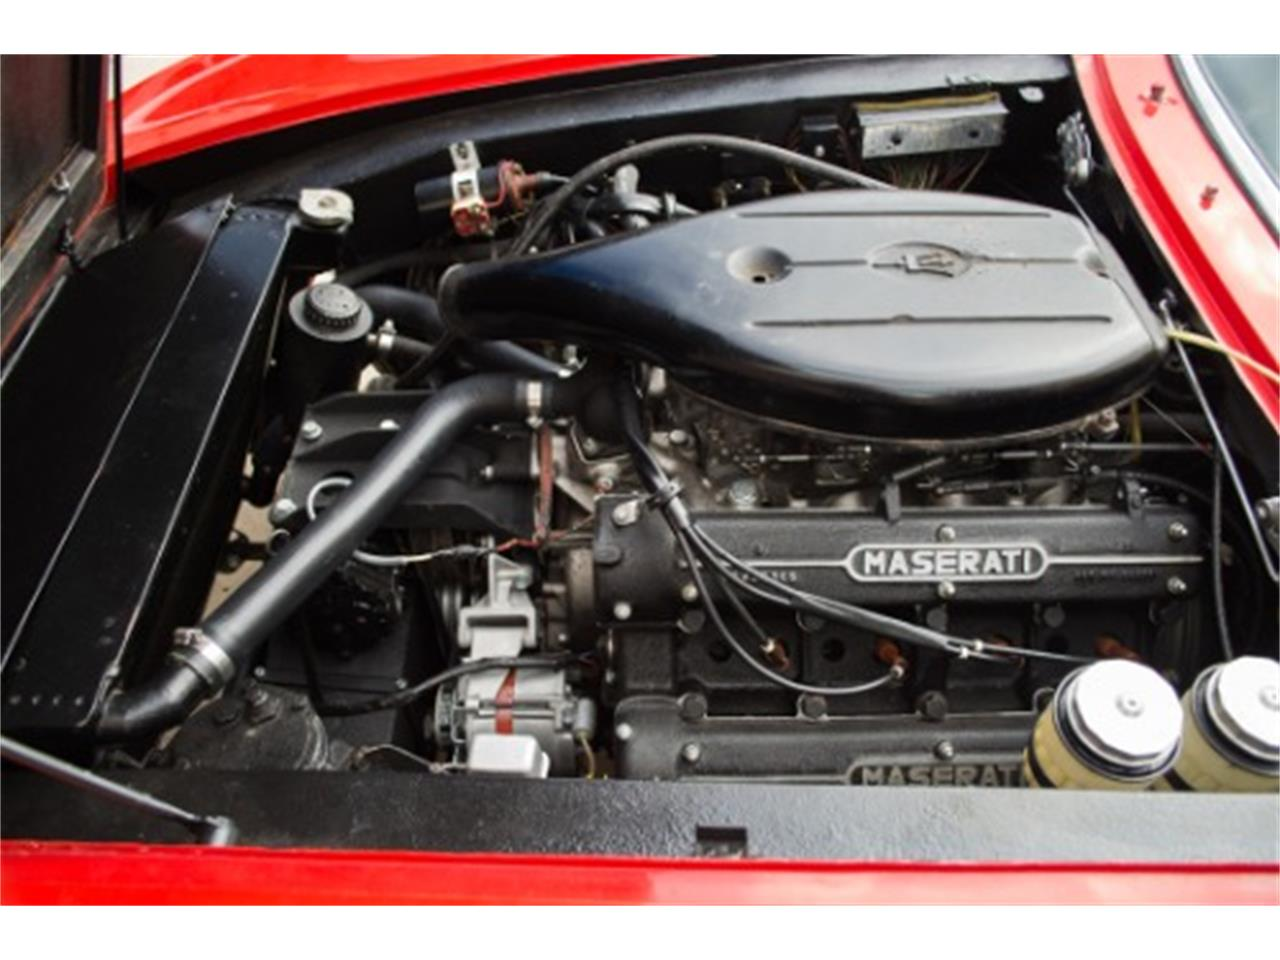 1967 Maserati Ghibli (CC-1187332) for sale in Astoria, New York